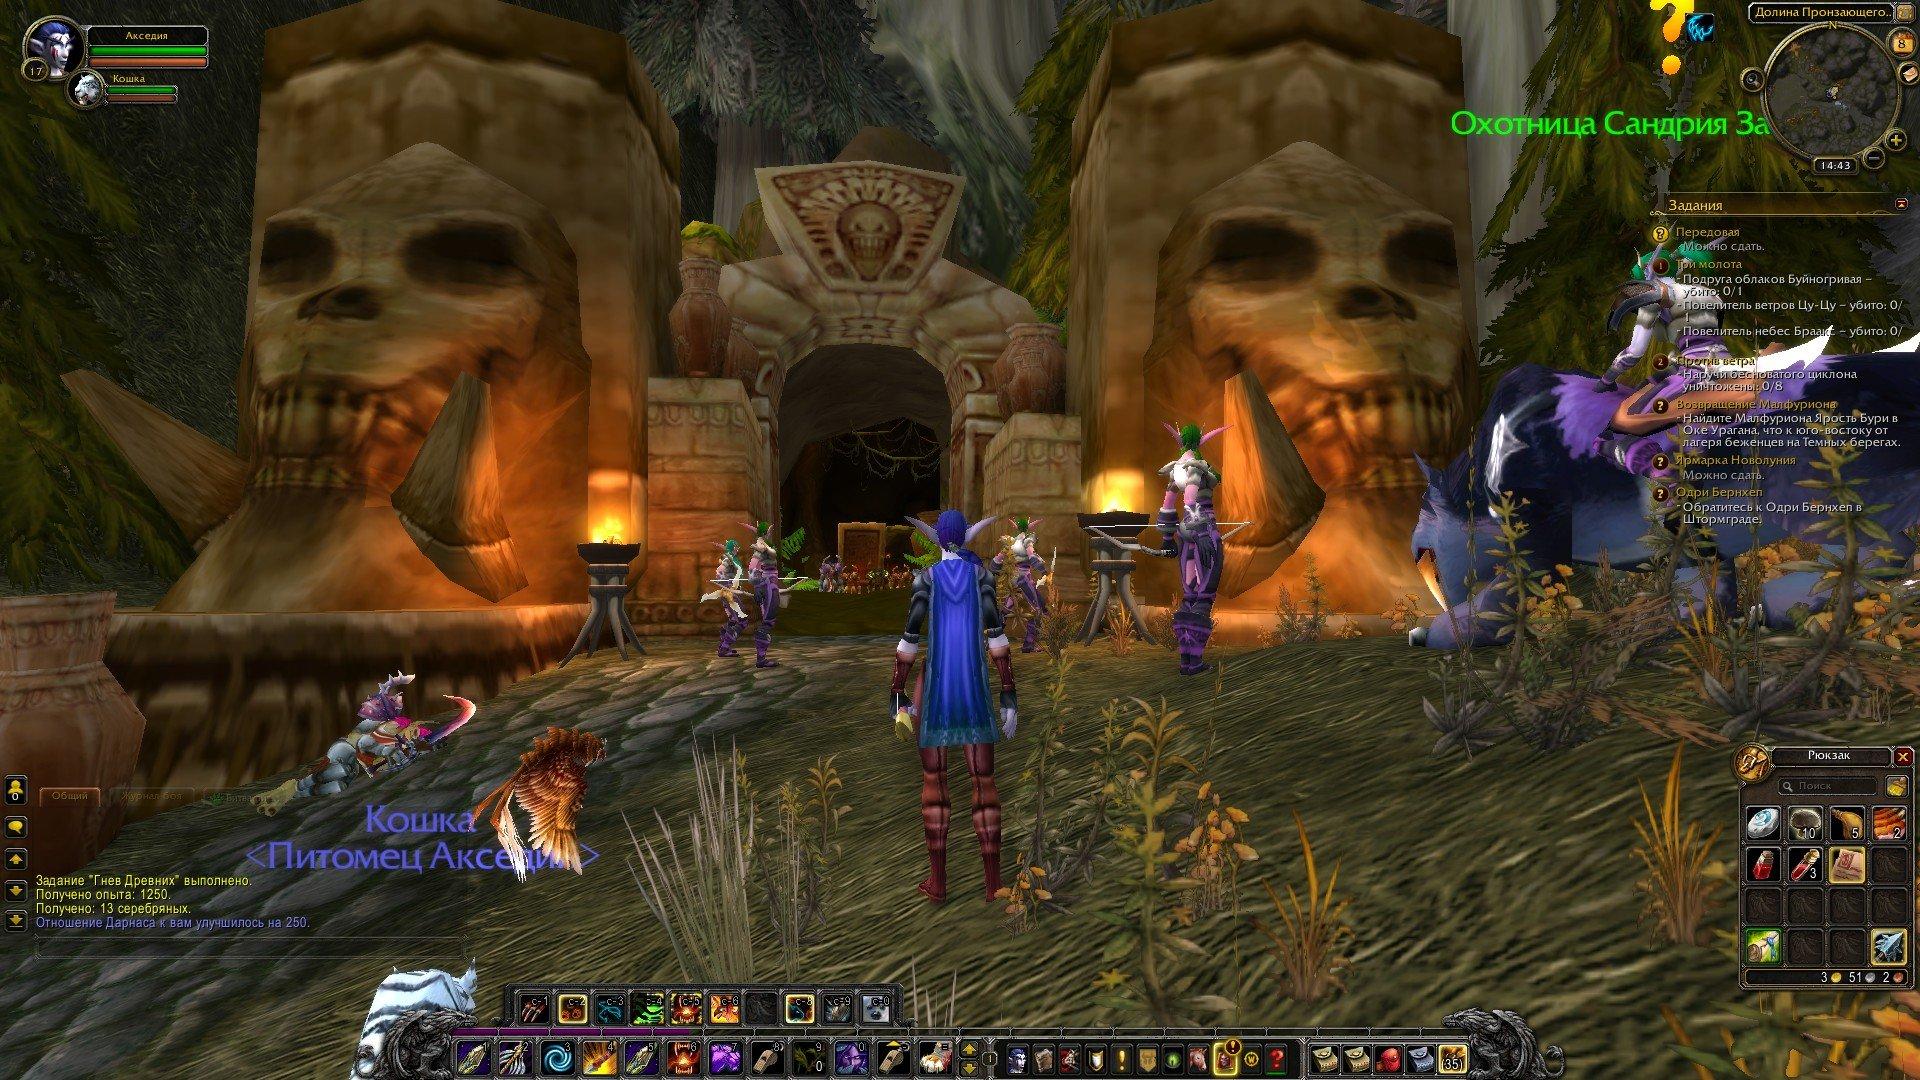 Путешествие по World of Warcraft ... Ночной Эльф. Глава 2 - Изображение 7